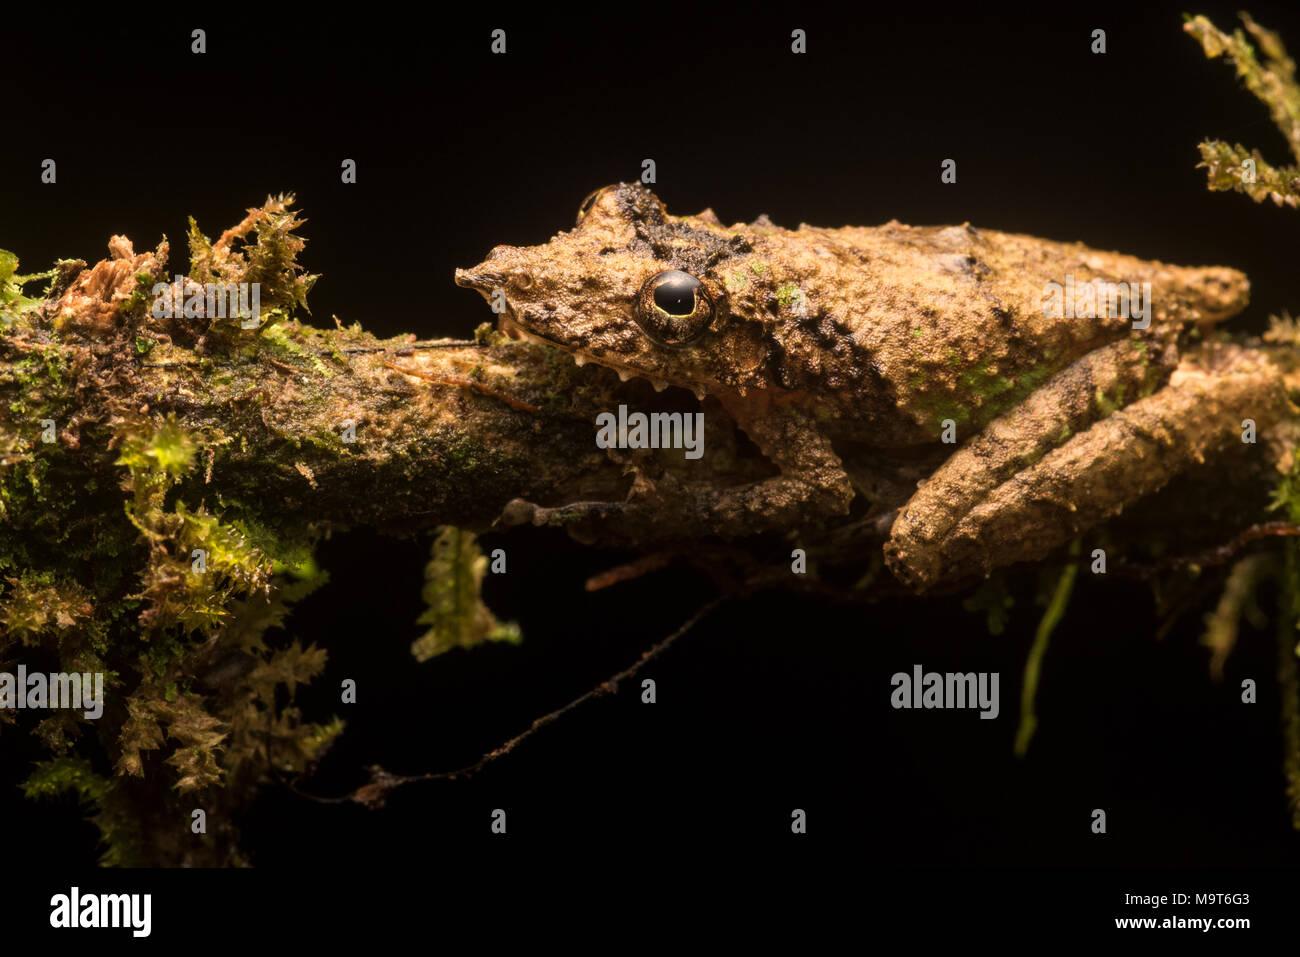 Una rana de árbol snouted (Scinax garbei) de Perú, esta especie es muy difícil de encontrar entre la vegetación como su camuflaje es excelente. Imagen De Stock